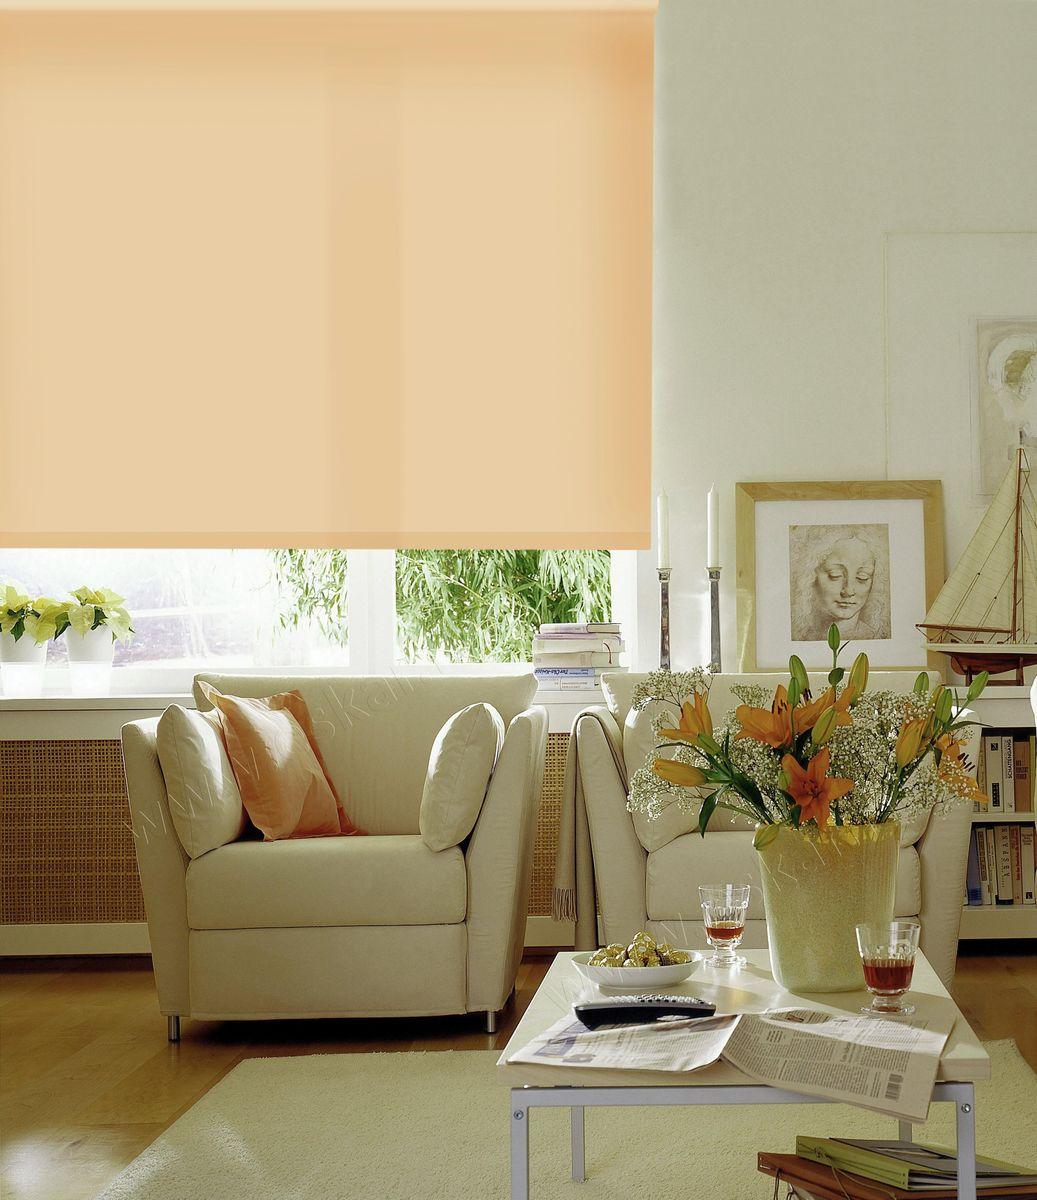 Штора рулонная Эскар, цвет: светло-абрикосовый, ширина 80 см, высота 170 см81112080170Рулонными шторами можно оформлять окна как самостоятельно, так и использовать в комбинации с портьерами. Это поможет предотвратить выгорание дорогой ткани на солнце и соединит функционал рулонных с красотой навесных. Преимущества применения рулонных штор для пластиковых окон: - имеют прекрасный внешний вид: многообразие и фактурность материала изделия отлично смотрятся в любом интерьере; - многофункциональны: есть возможность подобрать шторы способные эффективно защитить комнату от солнца, при этом она не будет слишком темной. - Есть возможность осуществить быстрый монтаж. ВНИМАНИЕ! Размеры ширины изделия указаны по ширине ткани! Во время эксплуатации не рекомендуется полностью разматывать рулон, чтобы не оторвать ткань от намоточного вала. В случае загрязнения поверхности ткани, чистку шторы проводят одним из способов, в зависимости от типа загрязнения: легкое поверхностное загрязнение можно удалить при помощи канцелярского ластика; чистка от пыли производится сухим методом при...